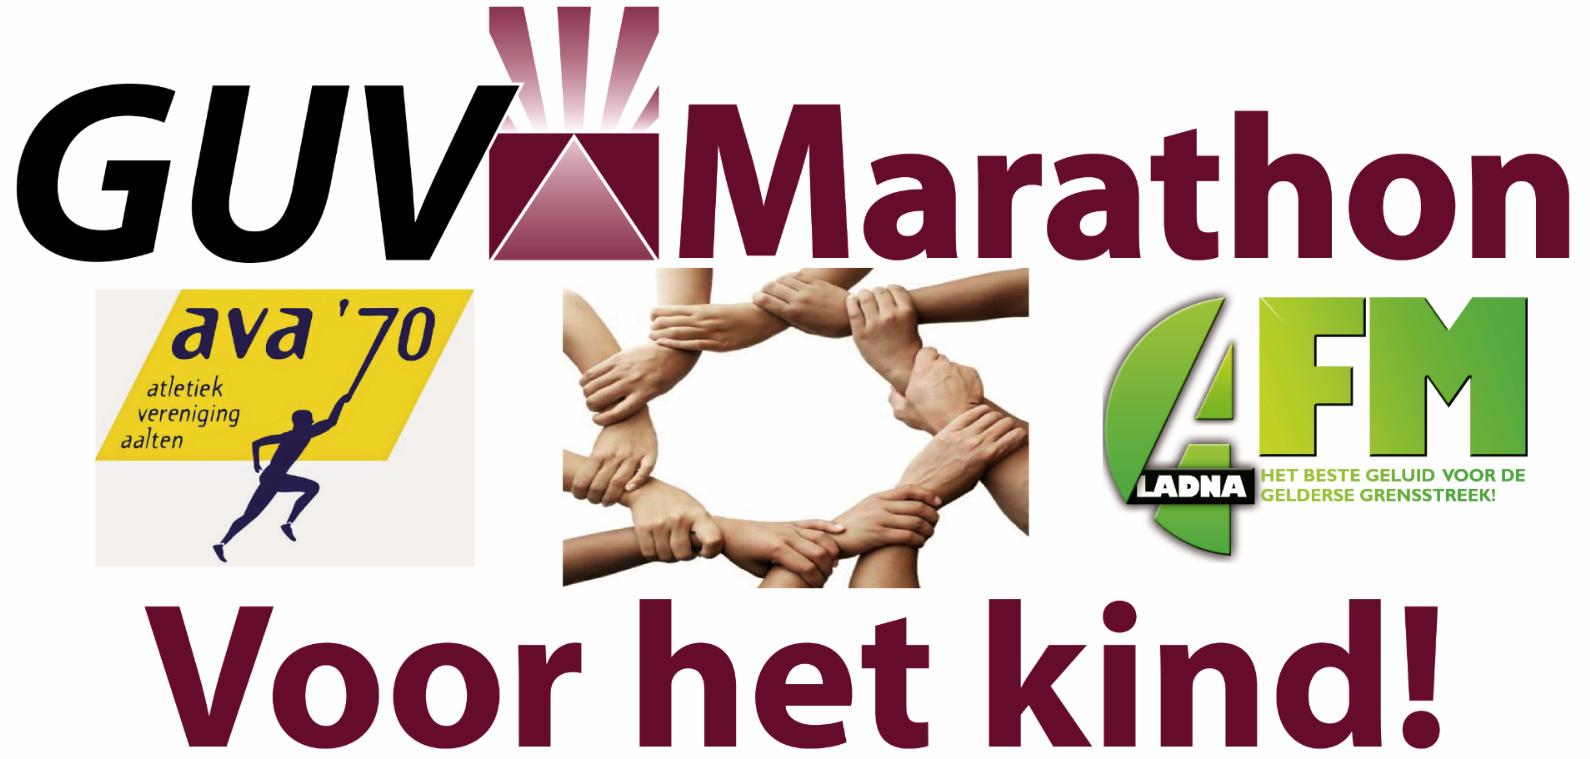 GUV Marathon voor het Kind